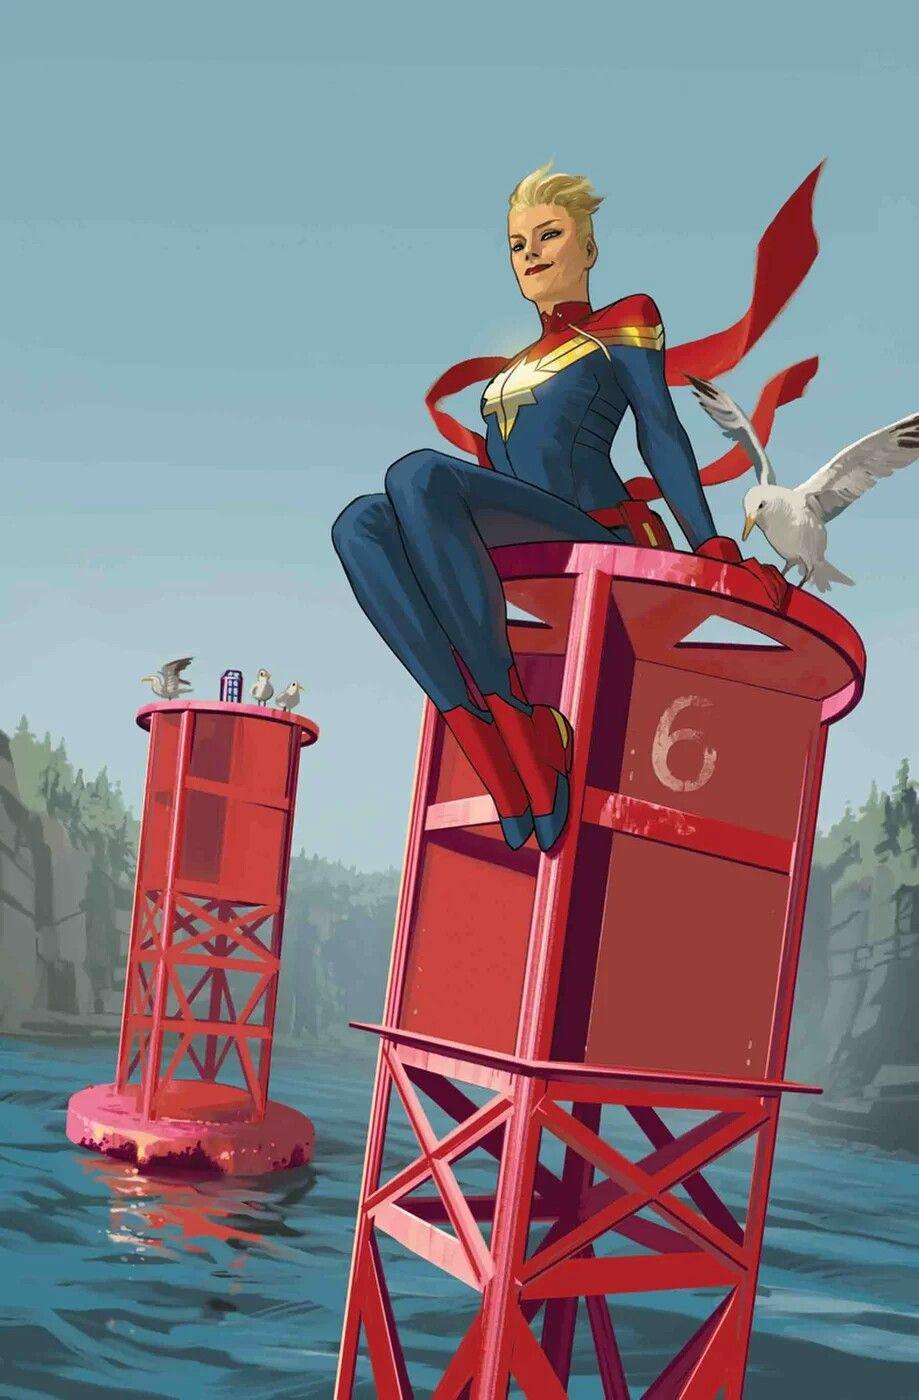 captain marvel | captain marvel | pinterest | marvel, captain marvel